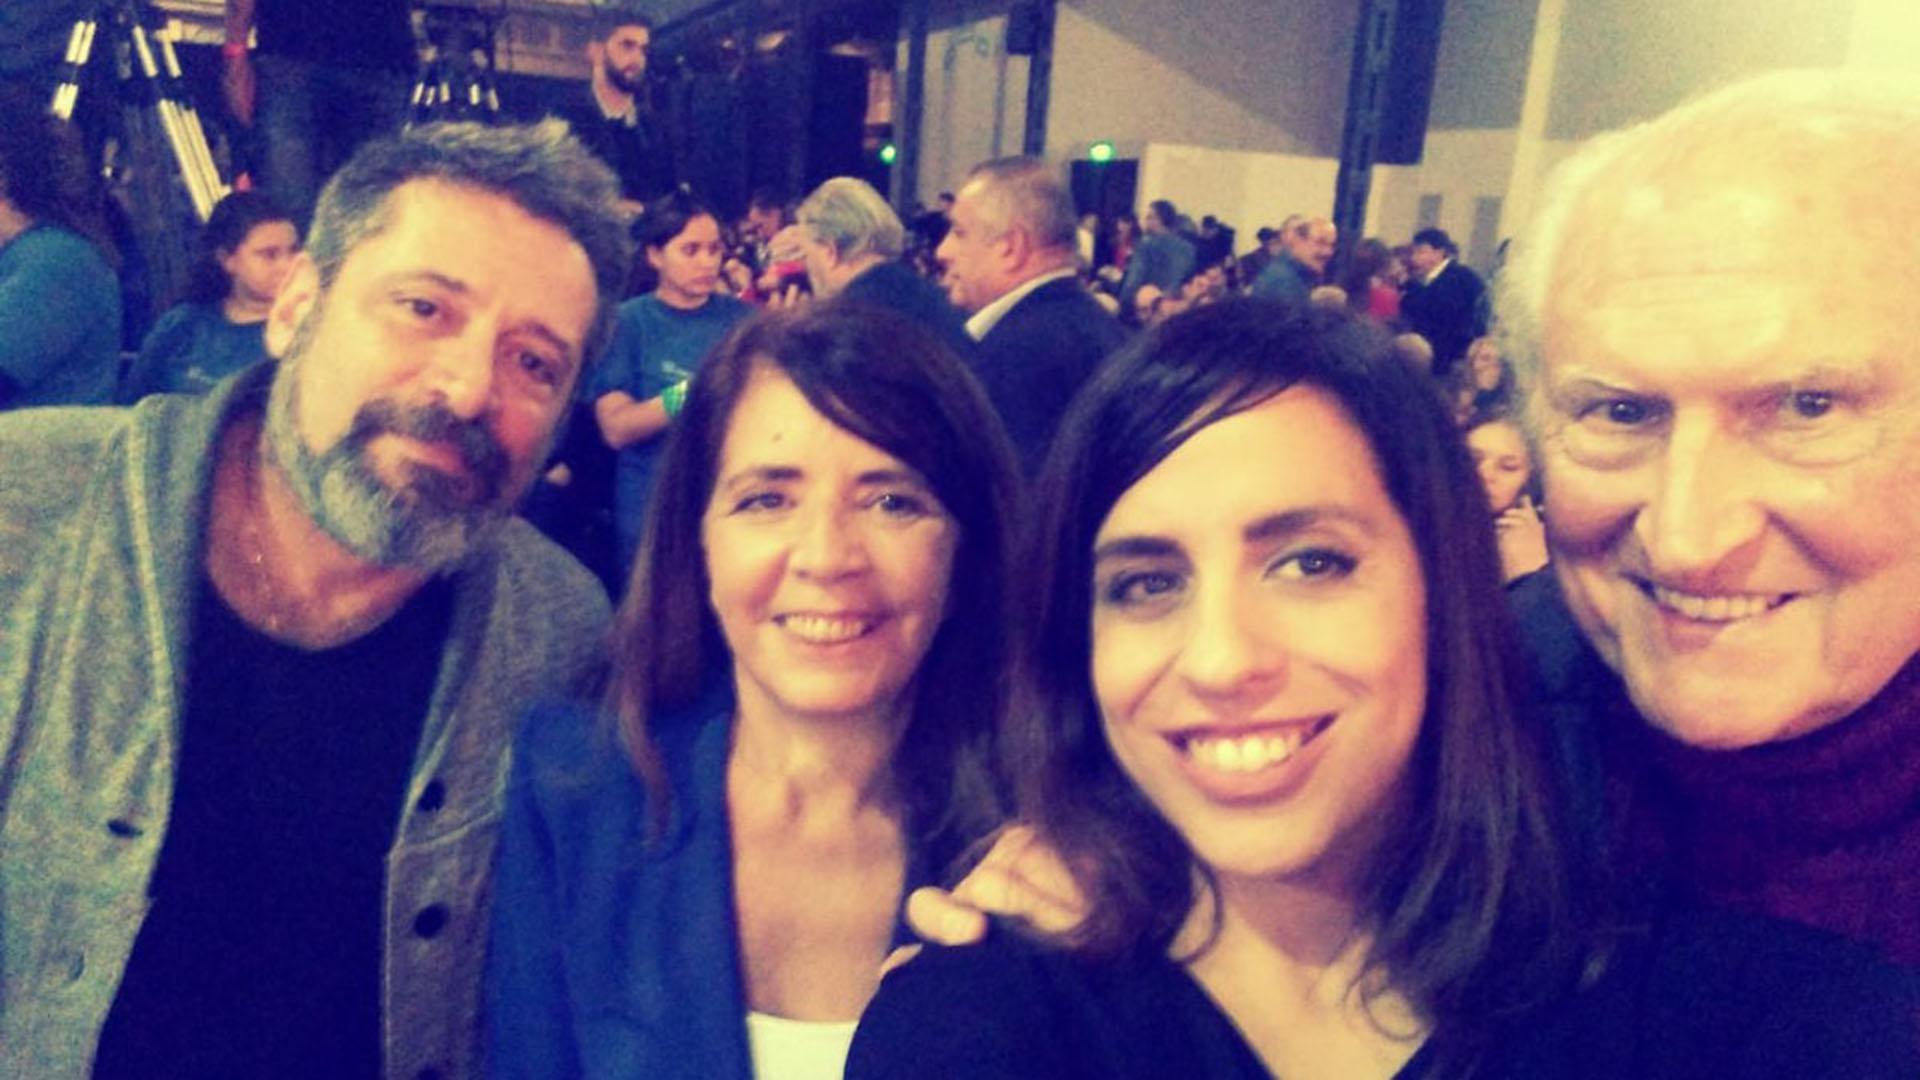 Los dirigentes Víctor Santa María, Gabriela Cerruti, Victoria Donda y Pino Solanas (@gabicerru)